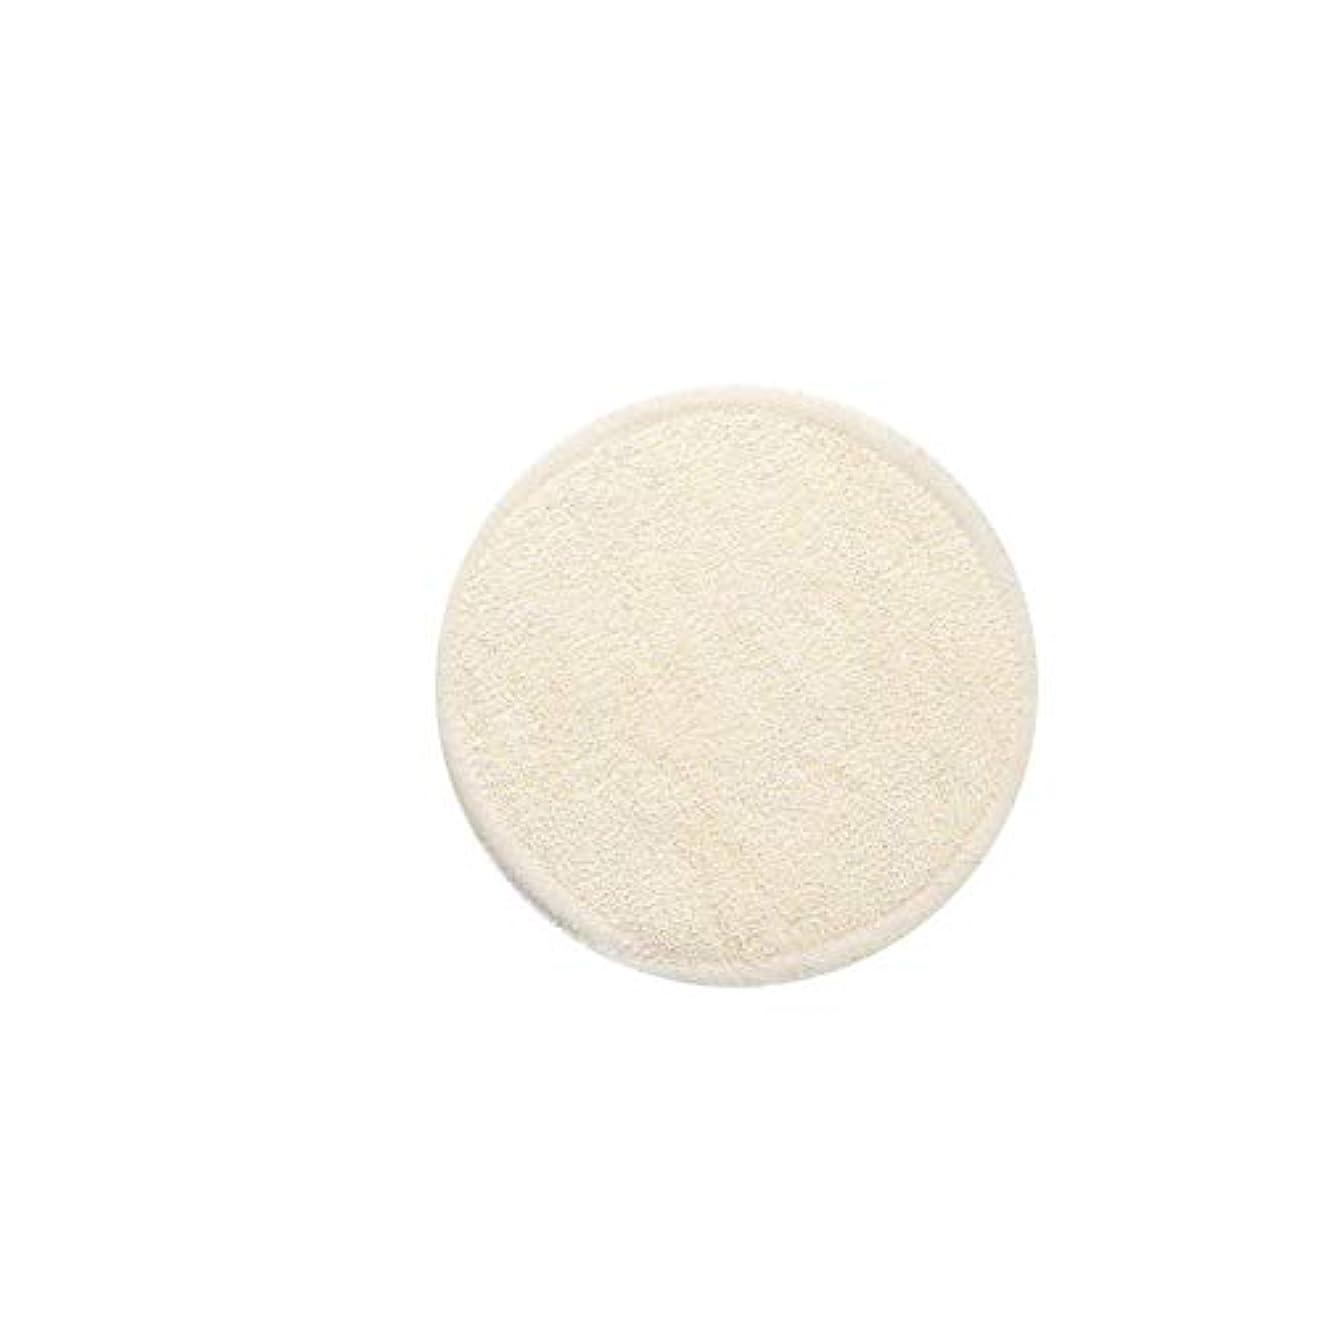 ショット姉妹叫び声コットンシート除去白色ユビキタスオーガニックコットン綿再利用可能なワイピング面を意味10綿竹